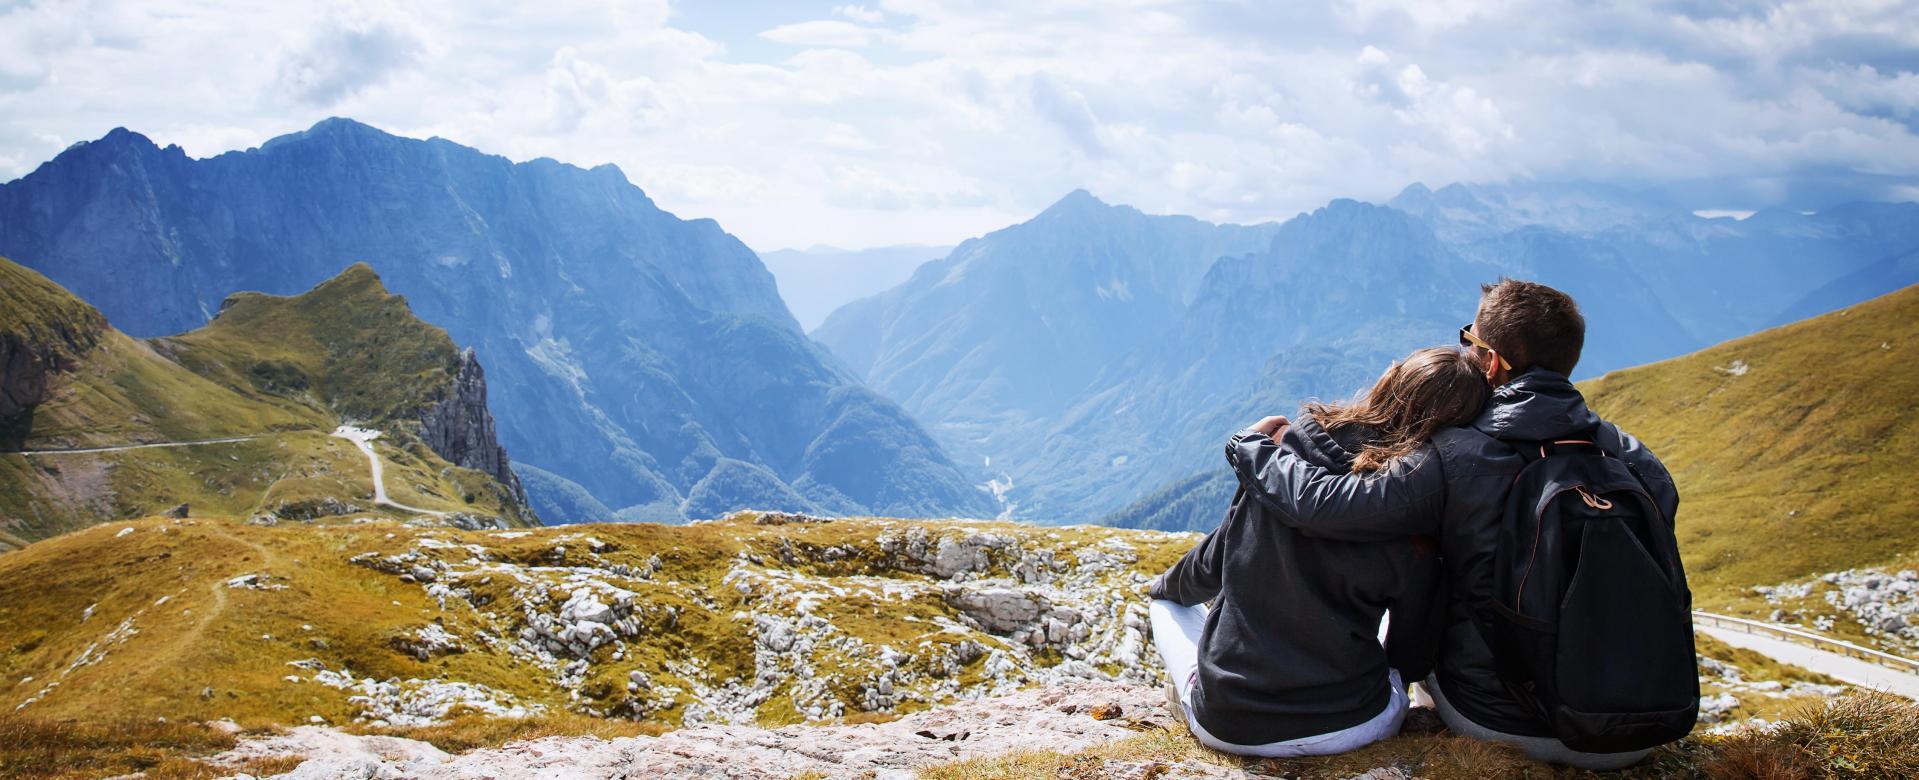 Voyage à pied : Slovénie : Les alpes slovènes